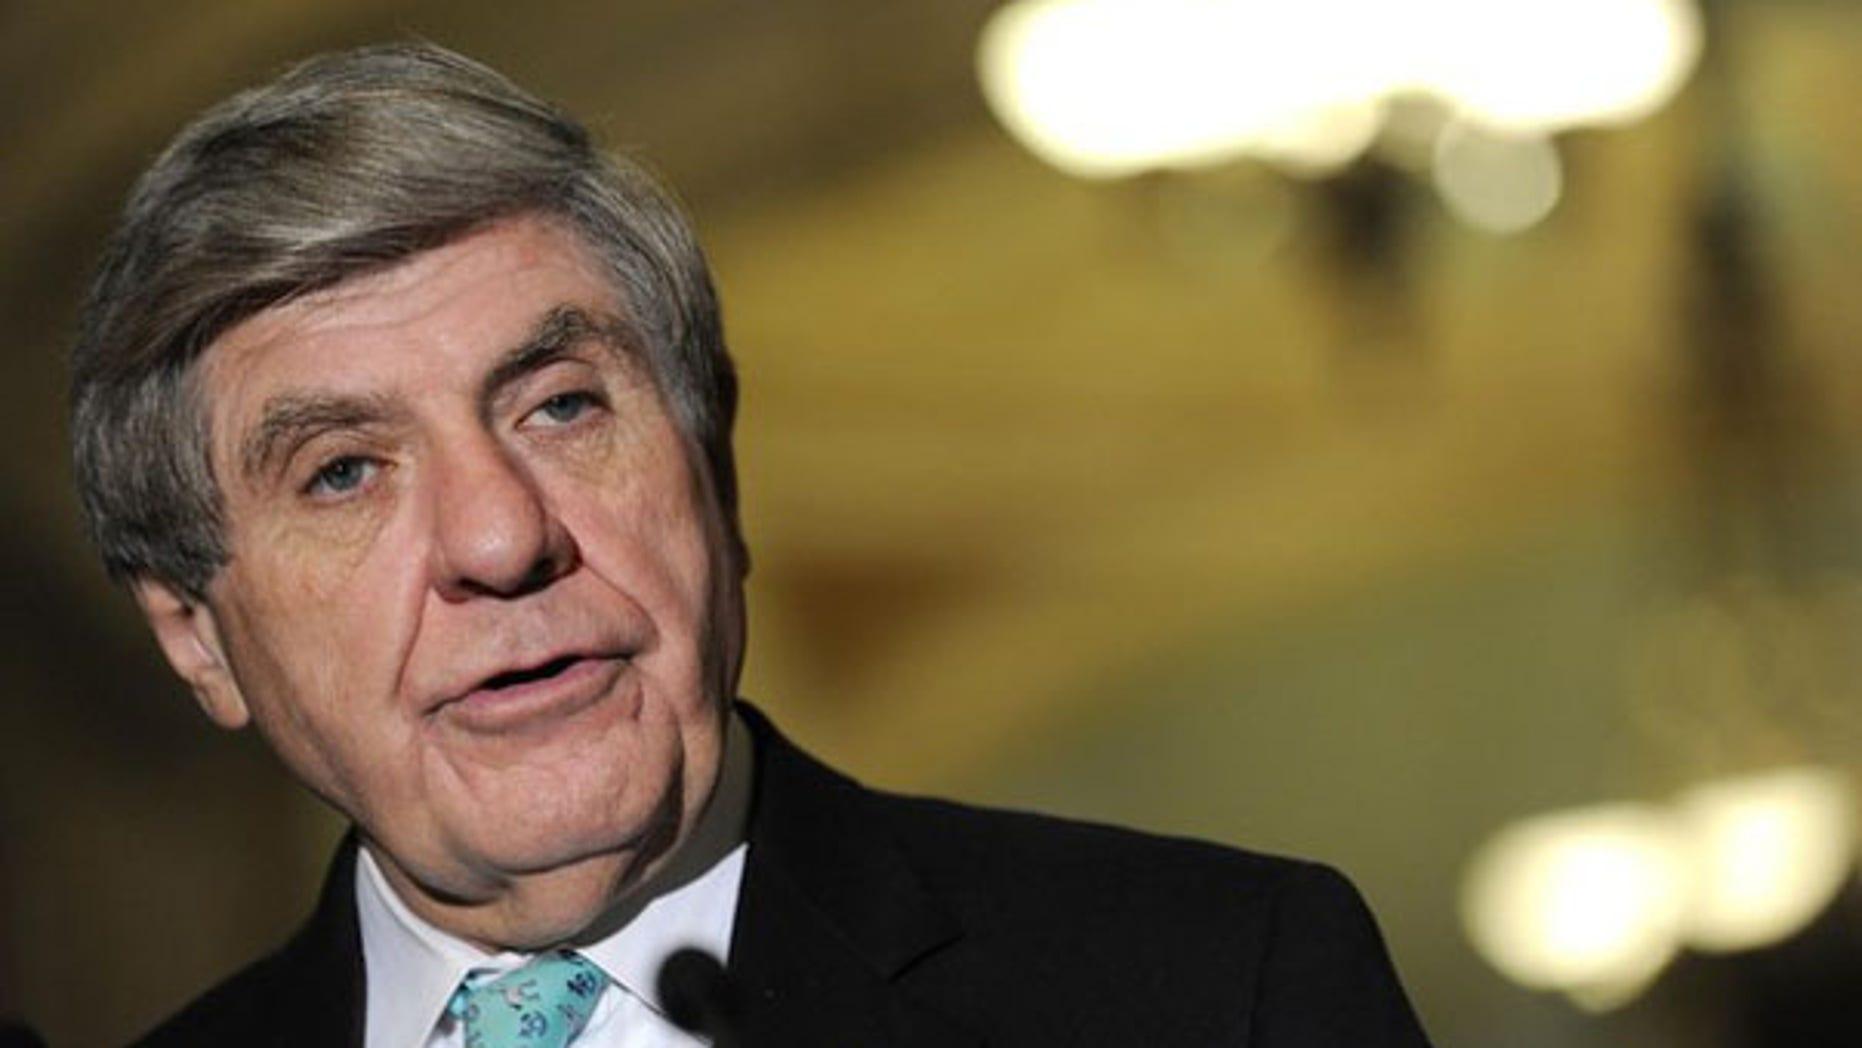 Sen. Ben Nelson speaks about health care legislation at the U.S. Capitol Dec. 19. (Reuters Photo)